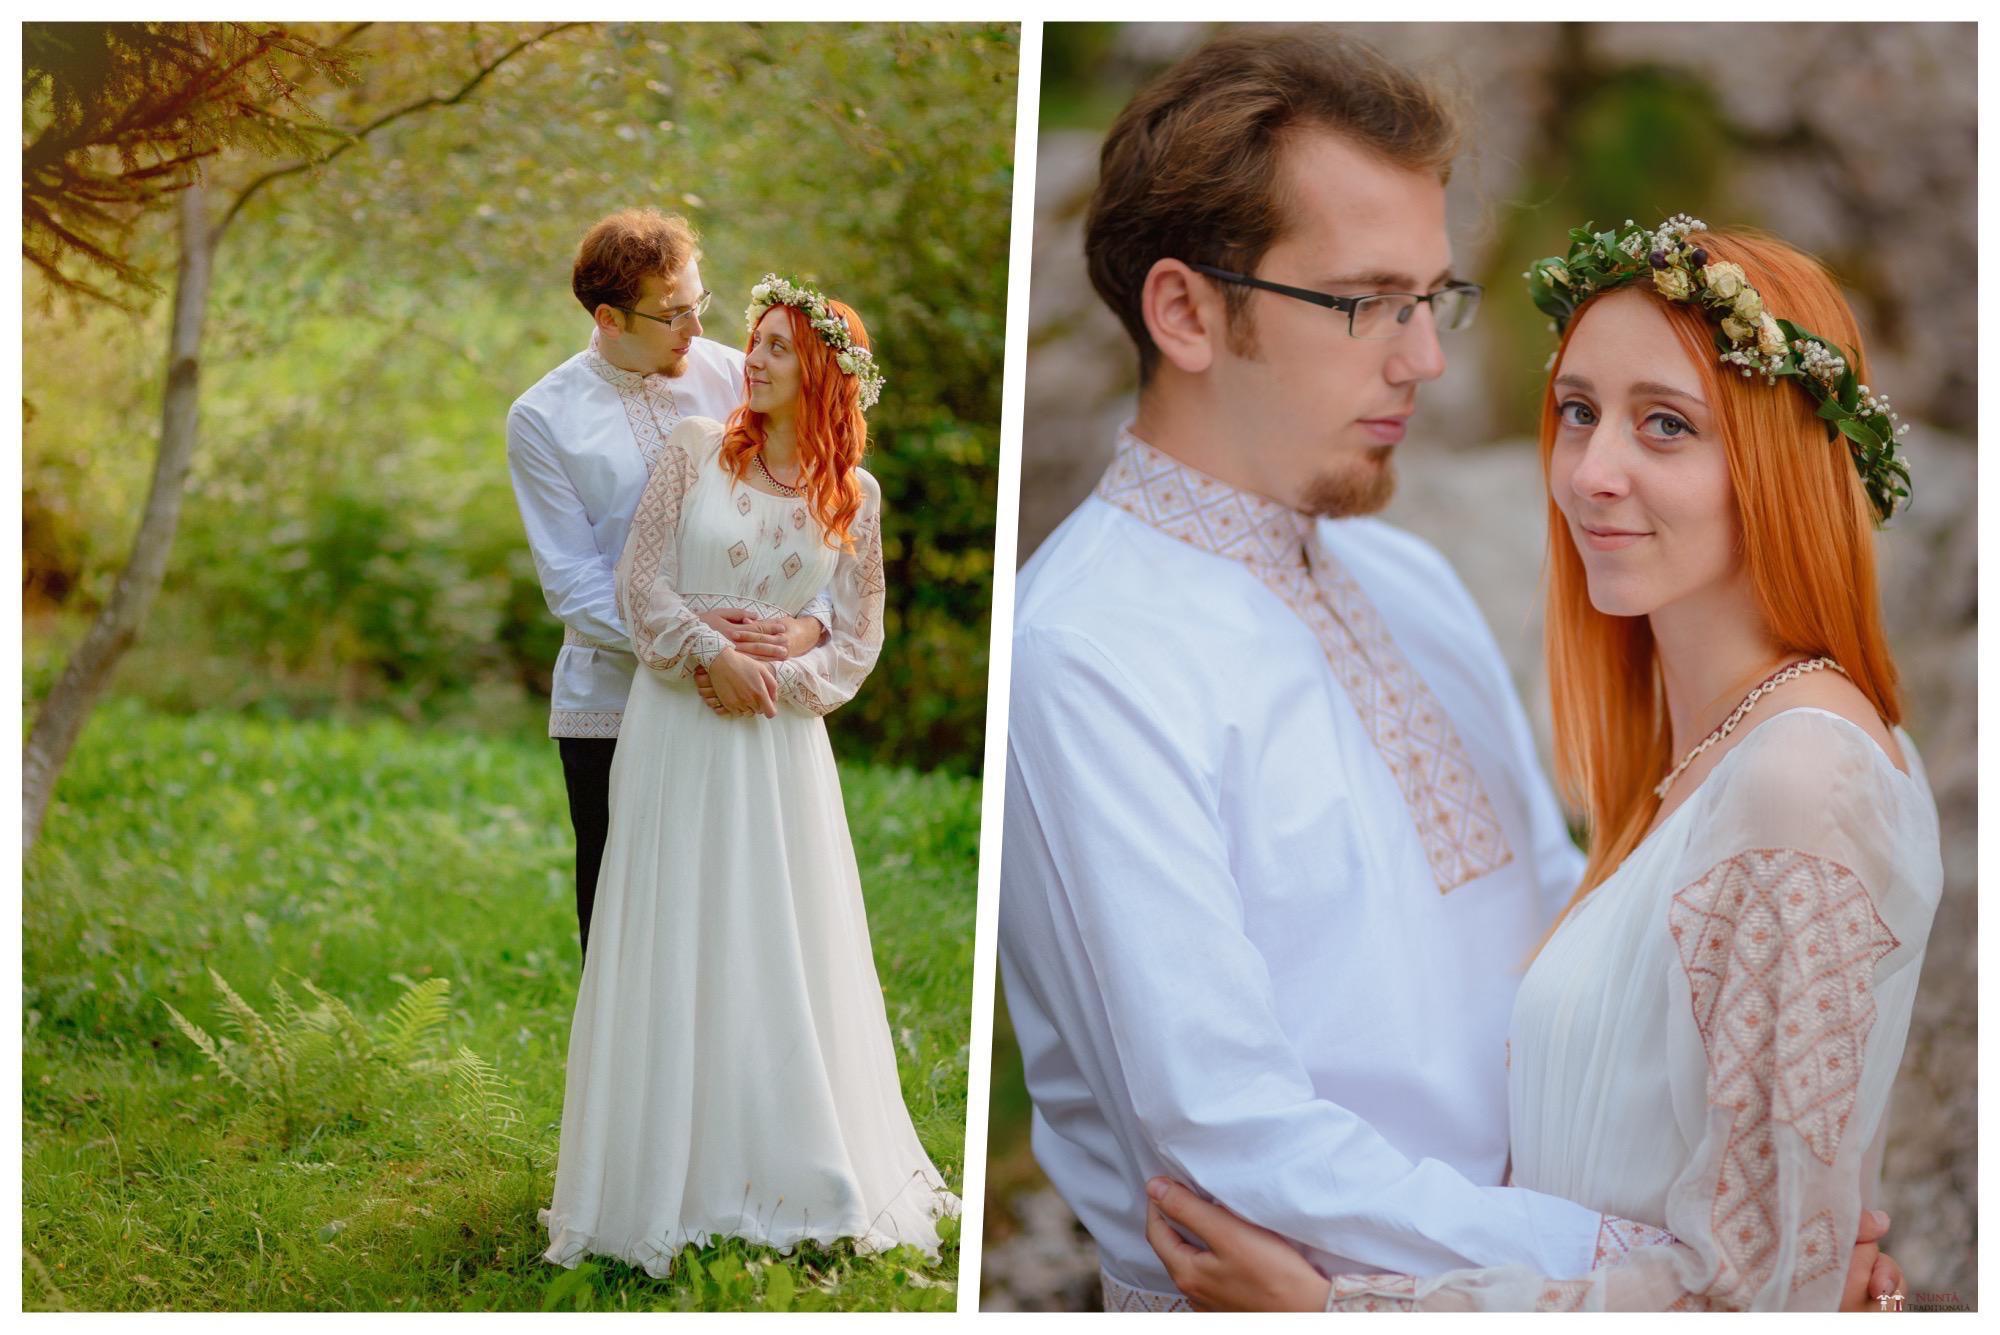 Povești Nunți Tradiționale - Aurelian și Sonia. Nuntă tradițională în Câmpulung Moldovenesc